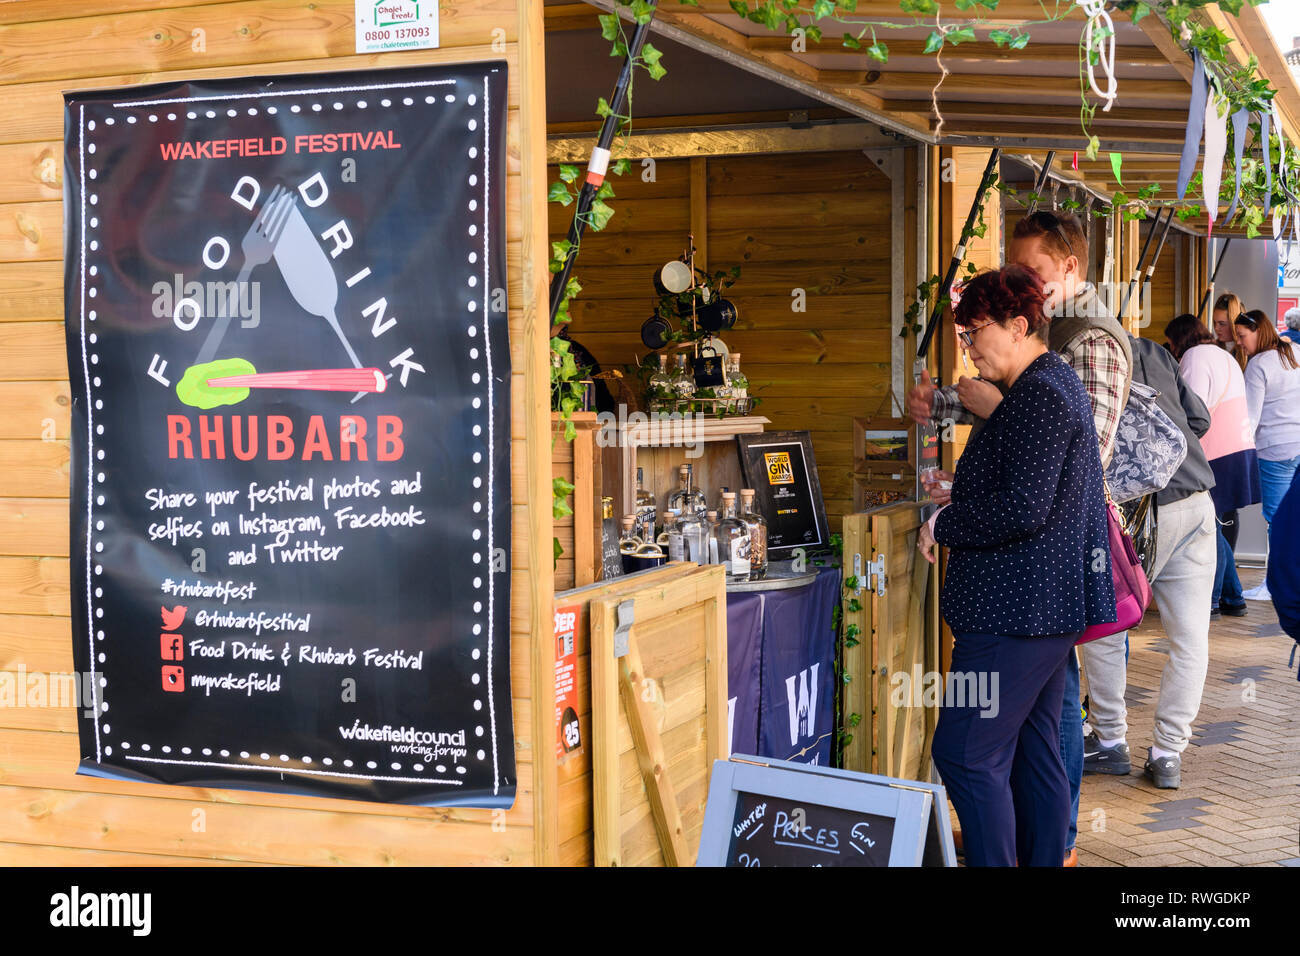 People shopping a occupato Wakefield cibo, drink & Rabarbaro Festival 2019 Visita il commercio di mercato bancarella vendendo bottiglie di gin - West Yorkshire, Inghilterra, Regno Unito Foto Stock